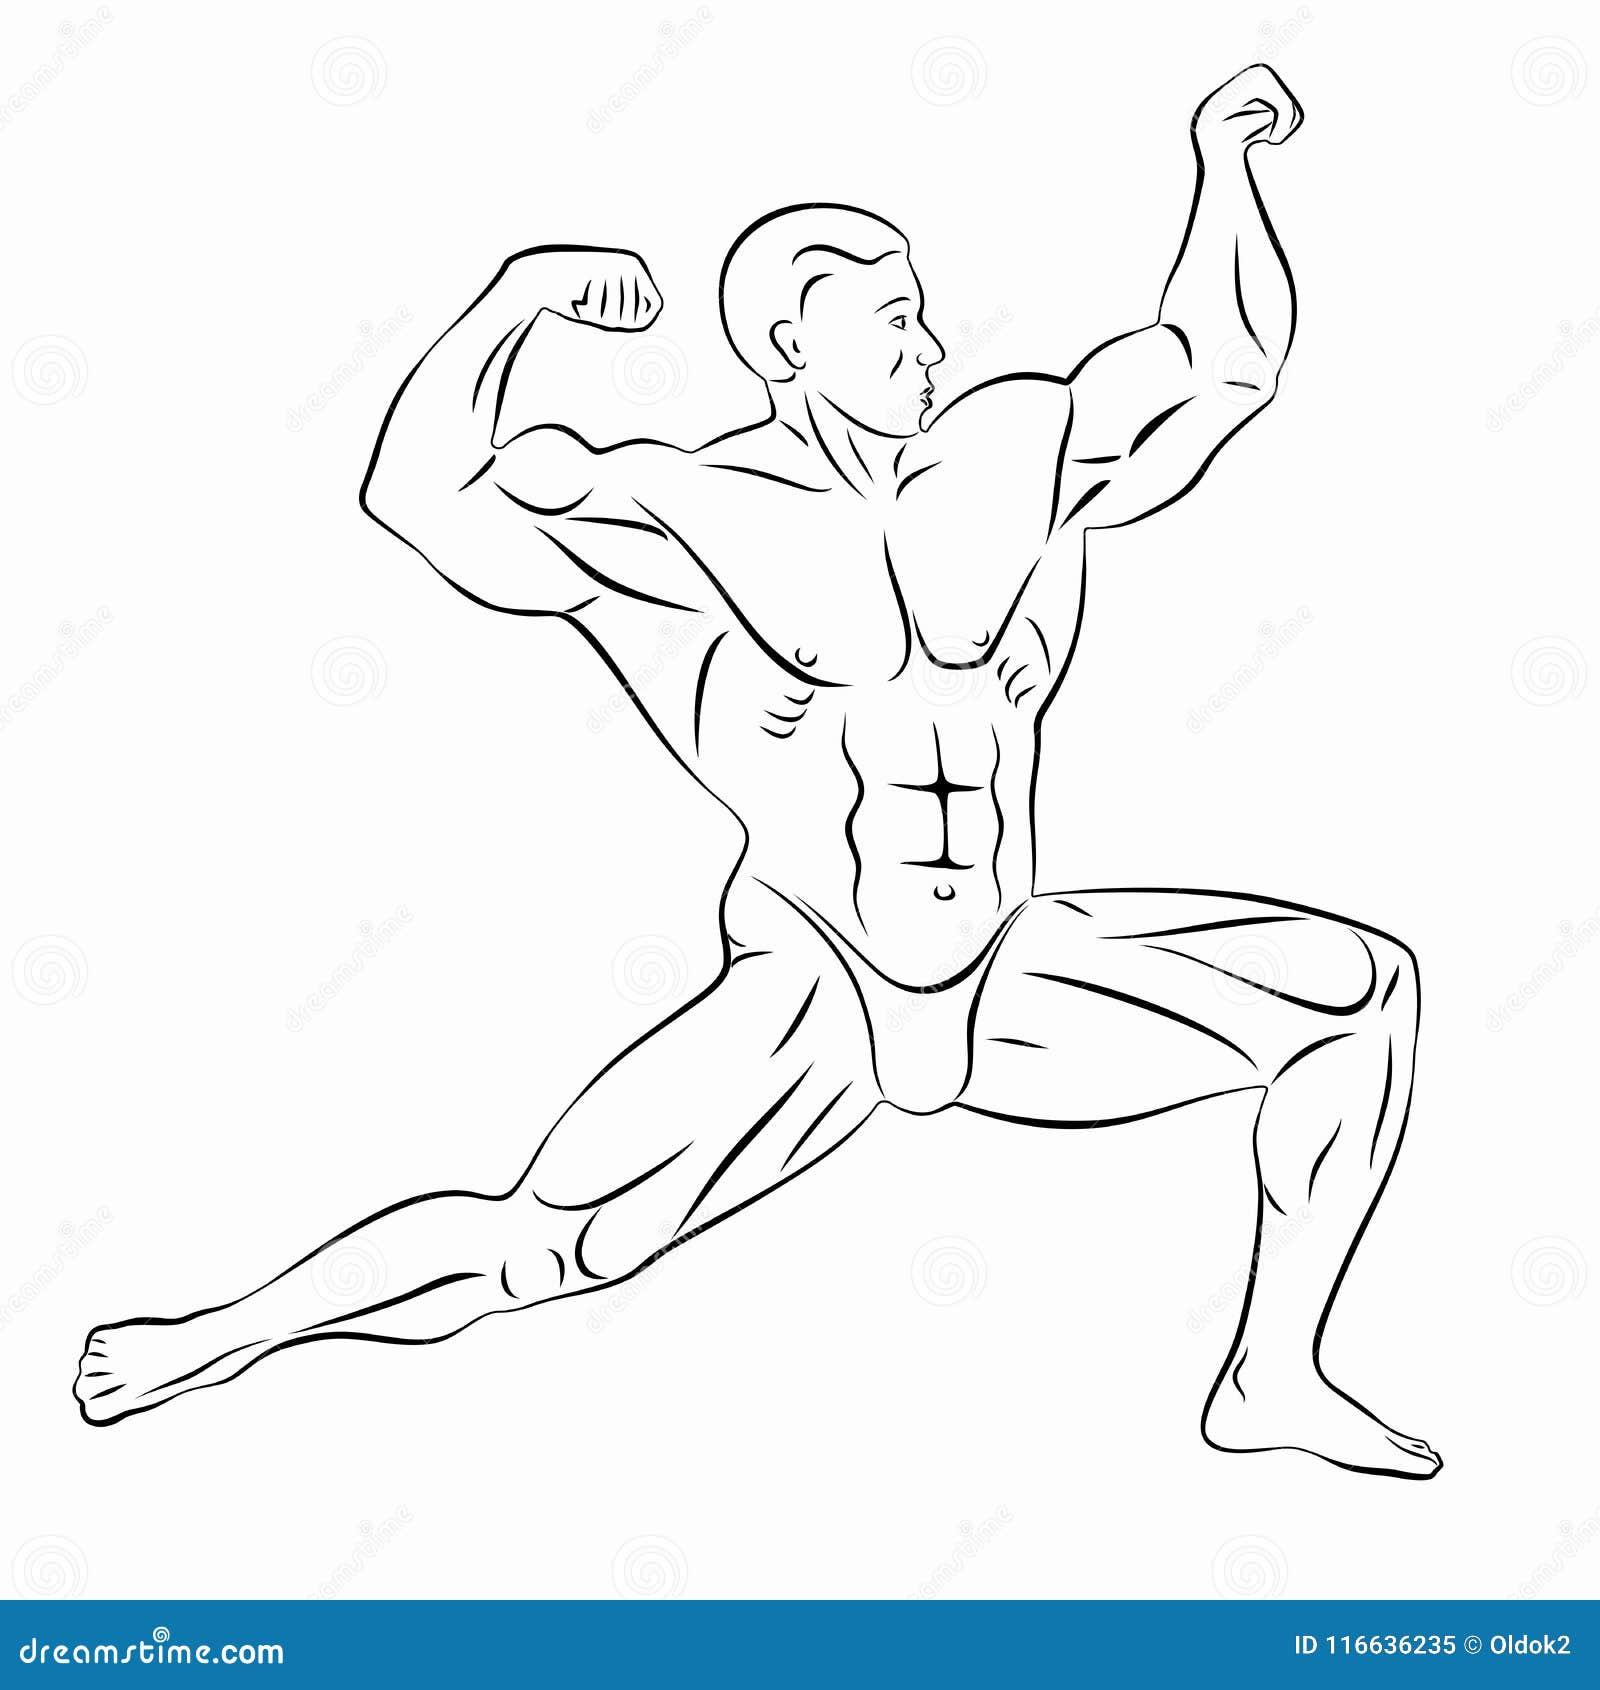 Illustratie van bodybuilder, vectortekening